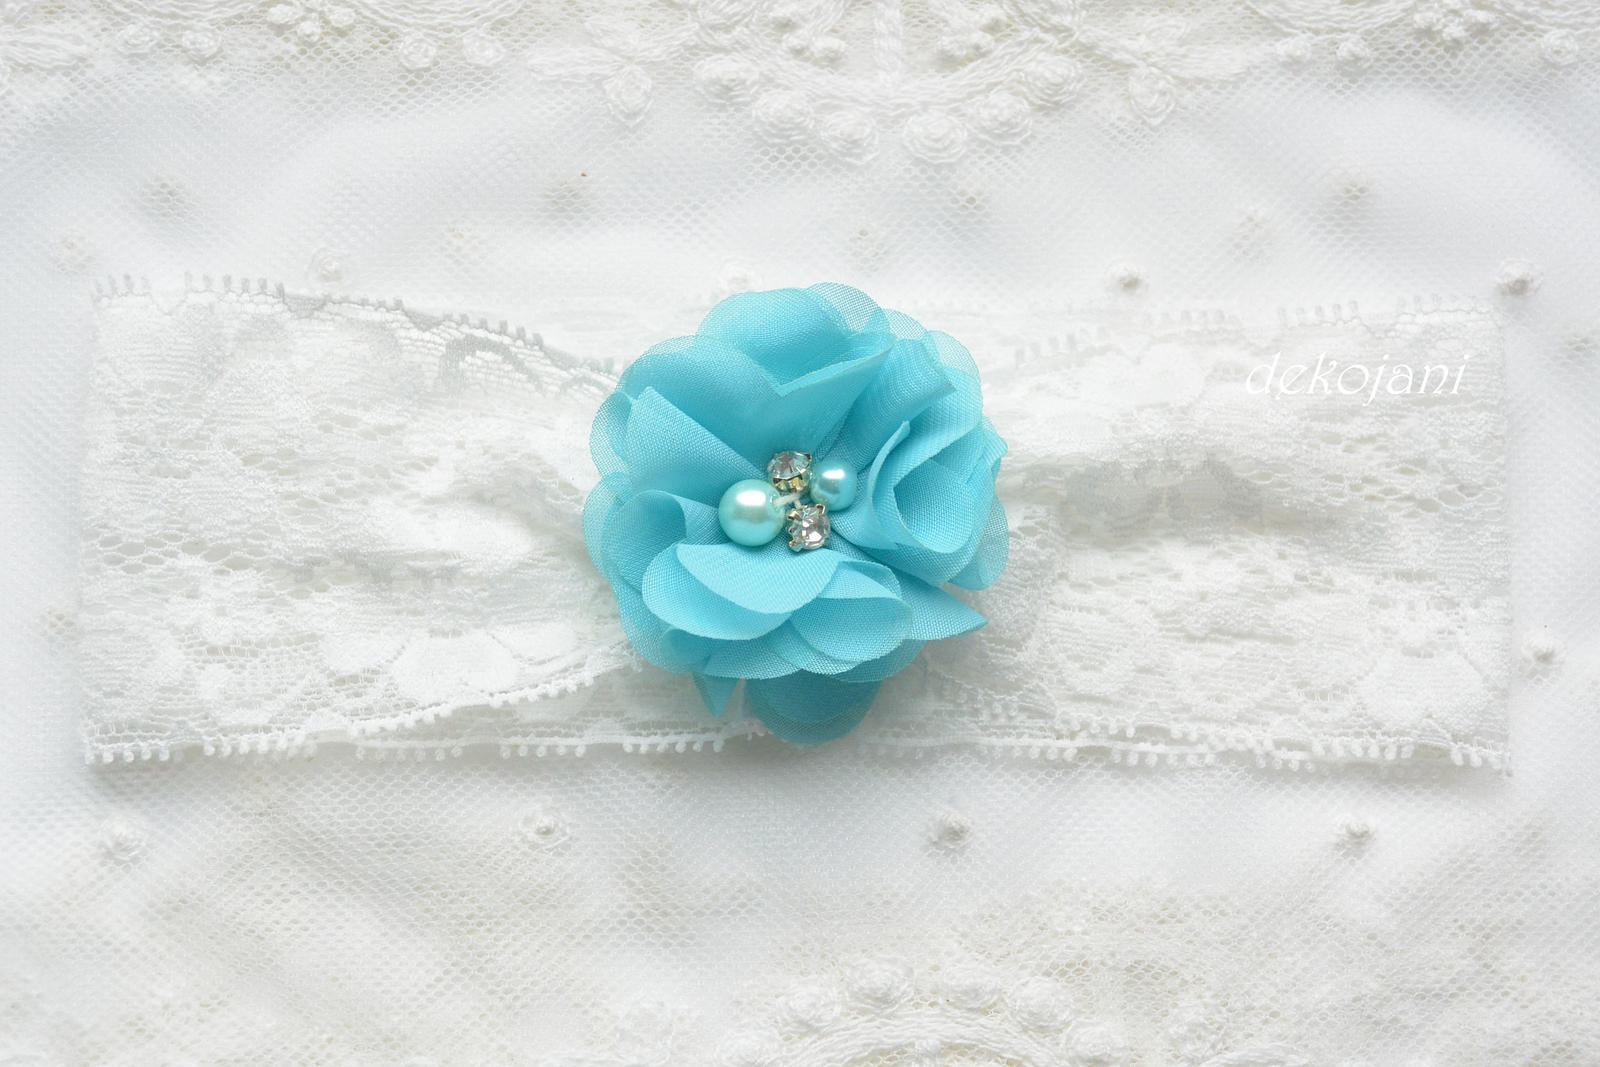 Luxusní svatební doplňky a dekorace. - Obrázek č. 25